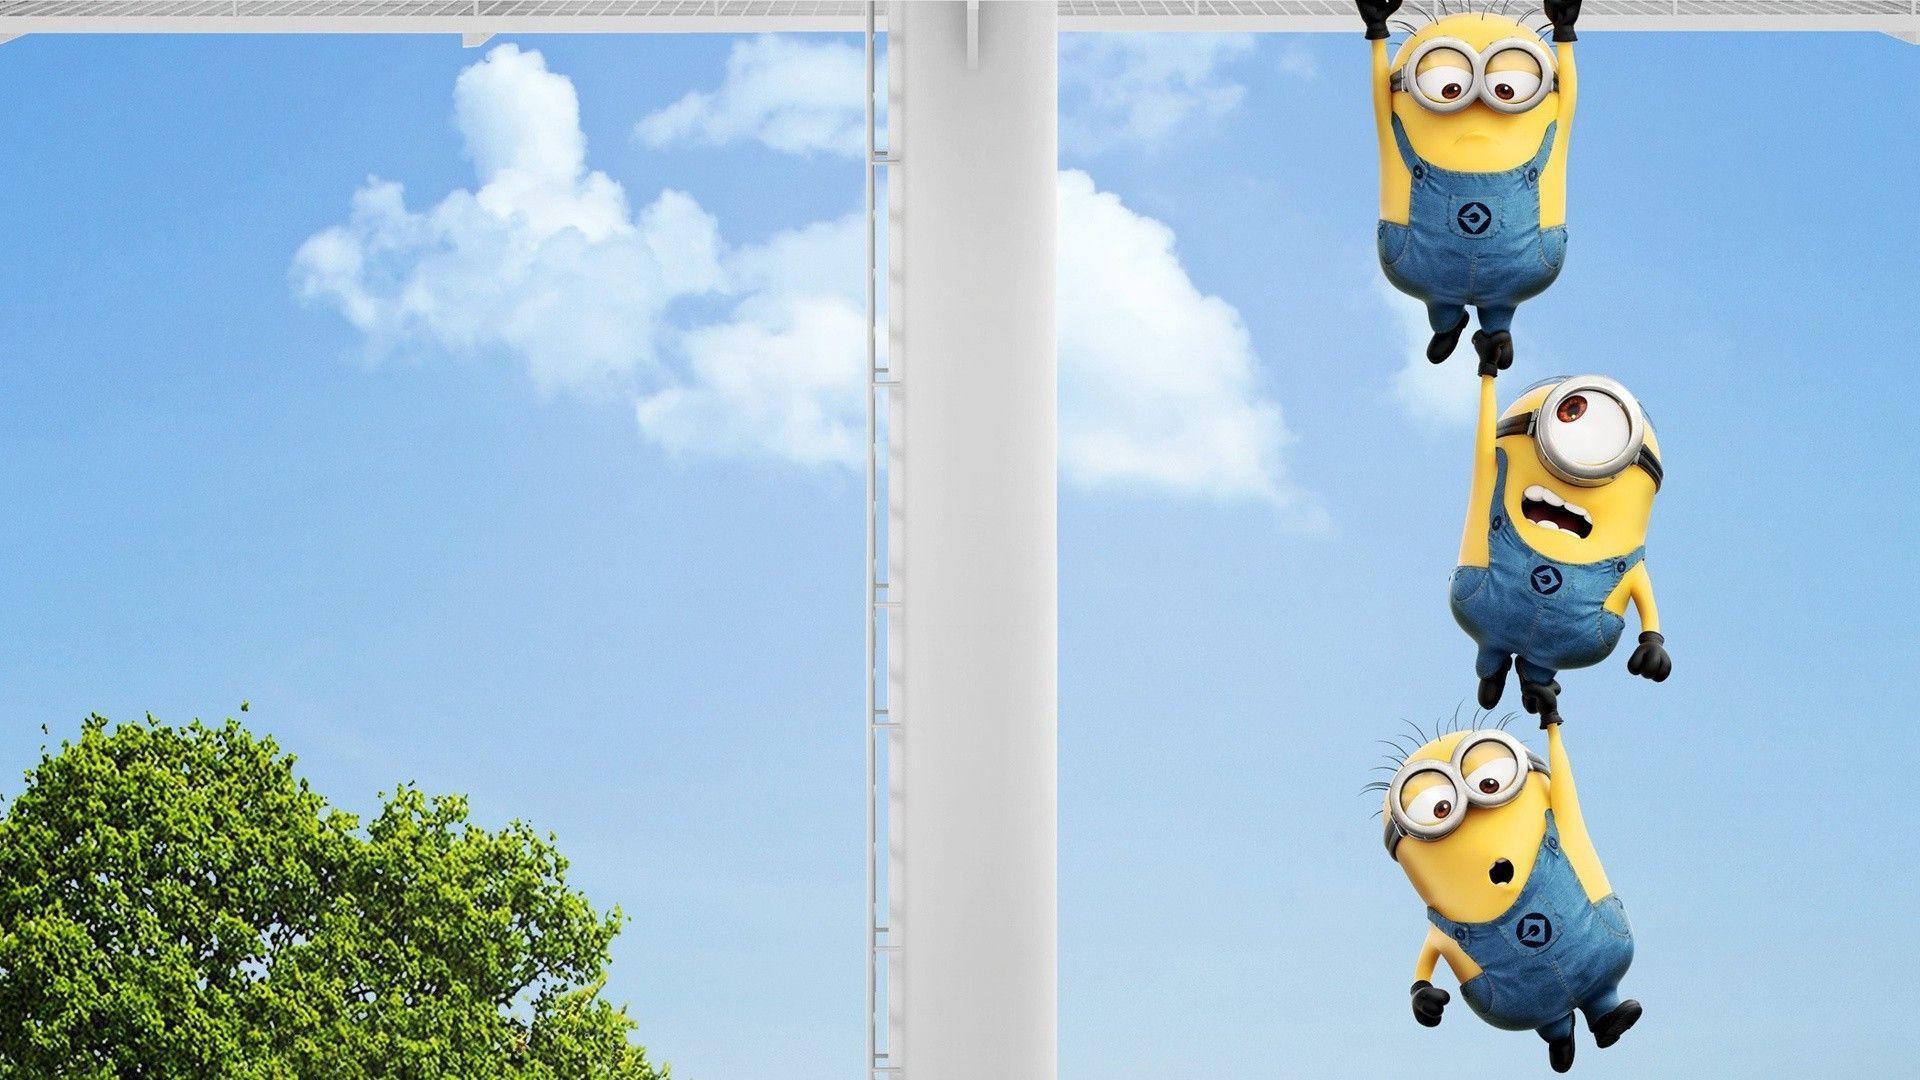 Funny Minions HD Wallpaper 1920x1080 1080x1920px Minion 1920x1080